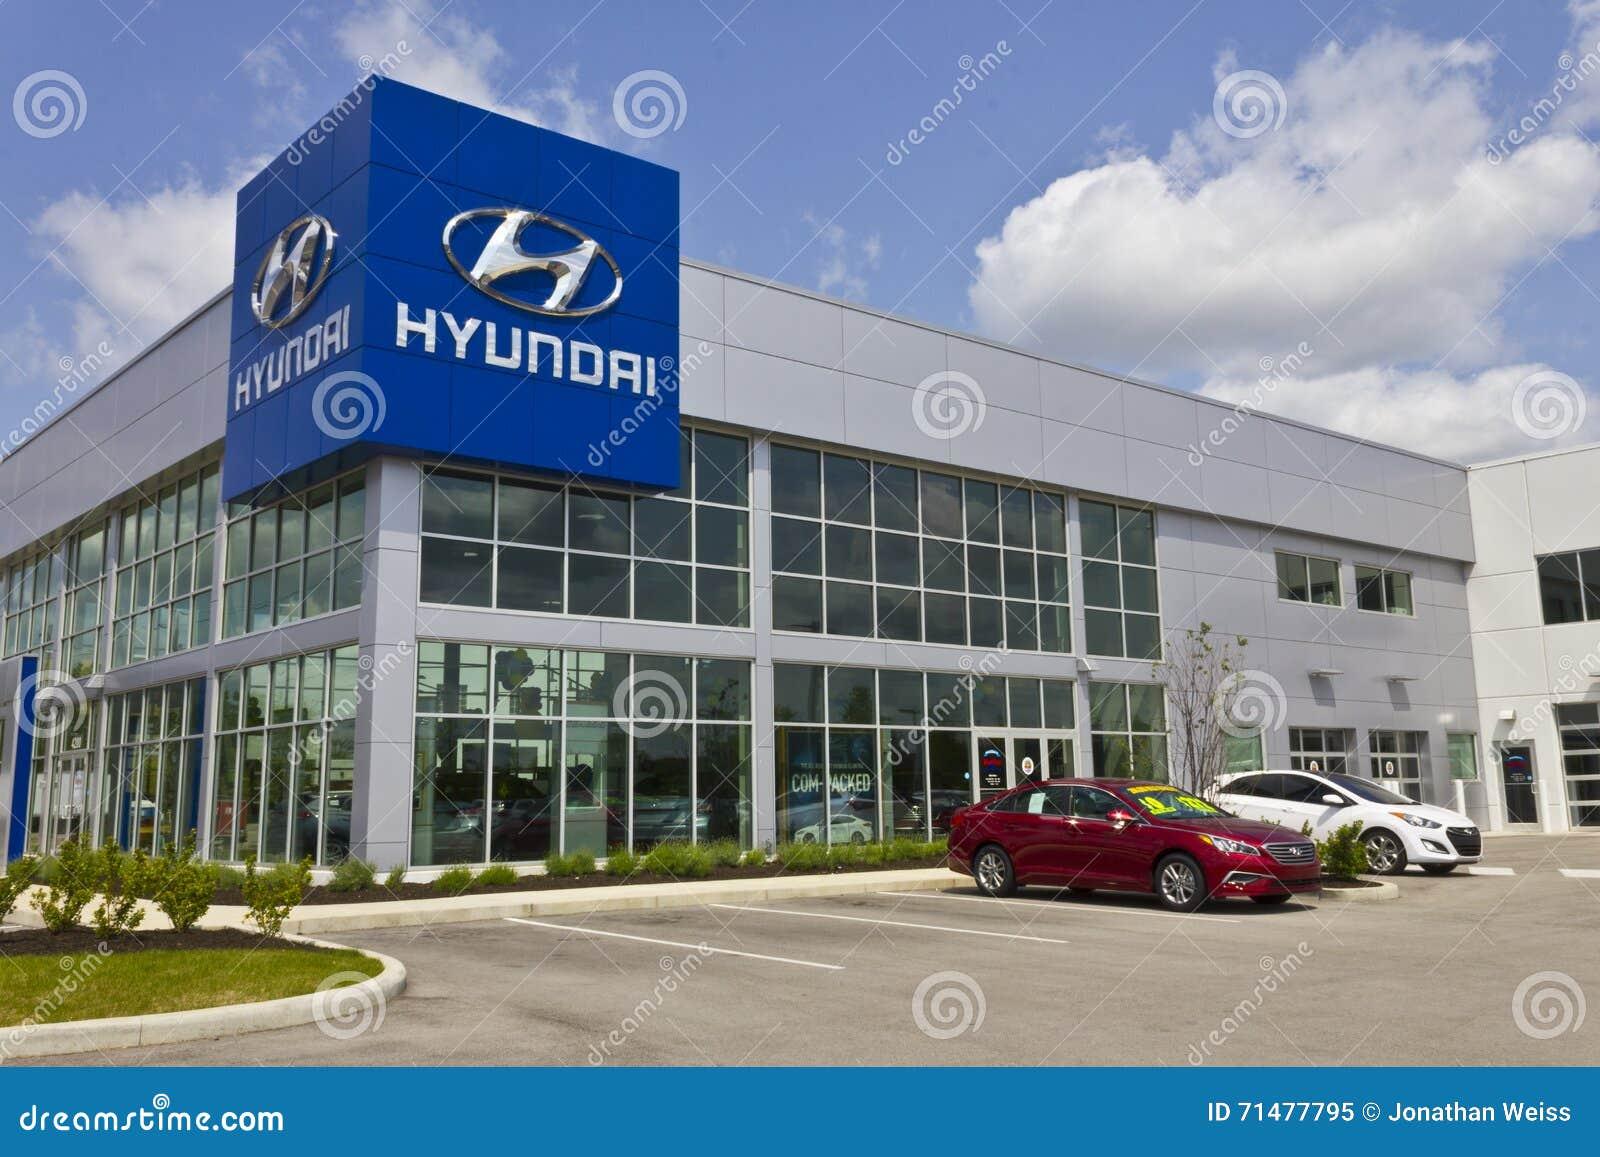 Hyundai Dealership Indianapolis >> Indianapolis Circa May 2016 Hyundai Motor Company Dealership Iii